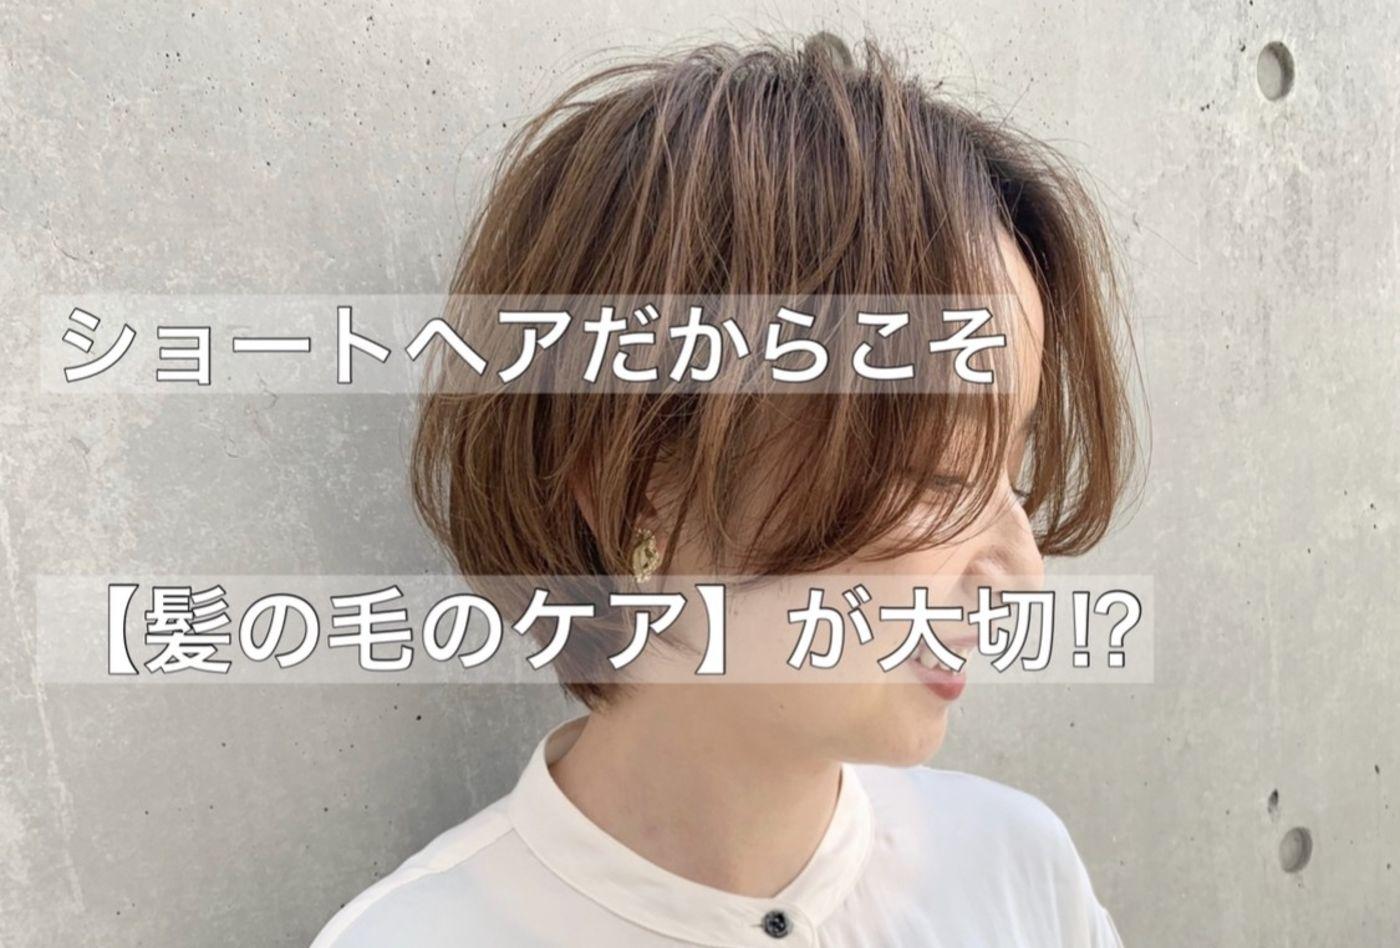 ショートヘアの方でも髪の毛のケアがとても大切??ケアの仕方とは?